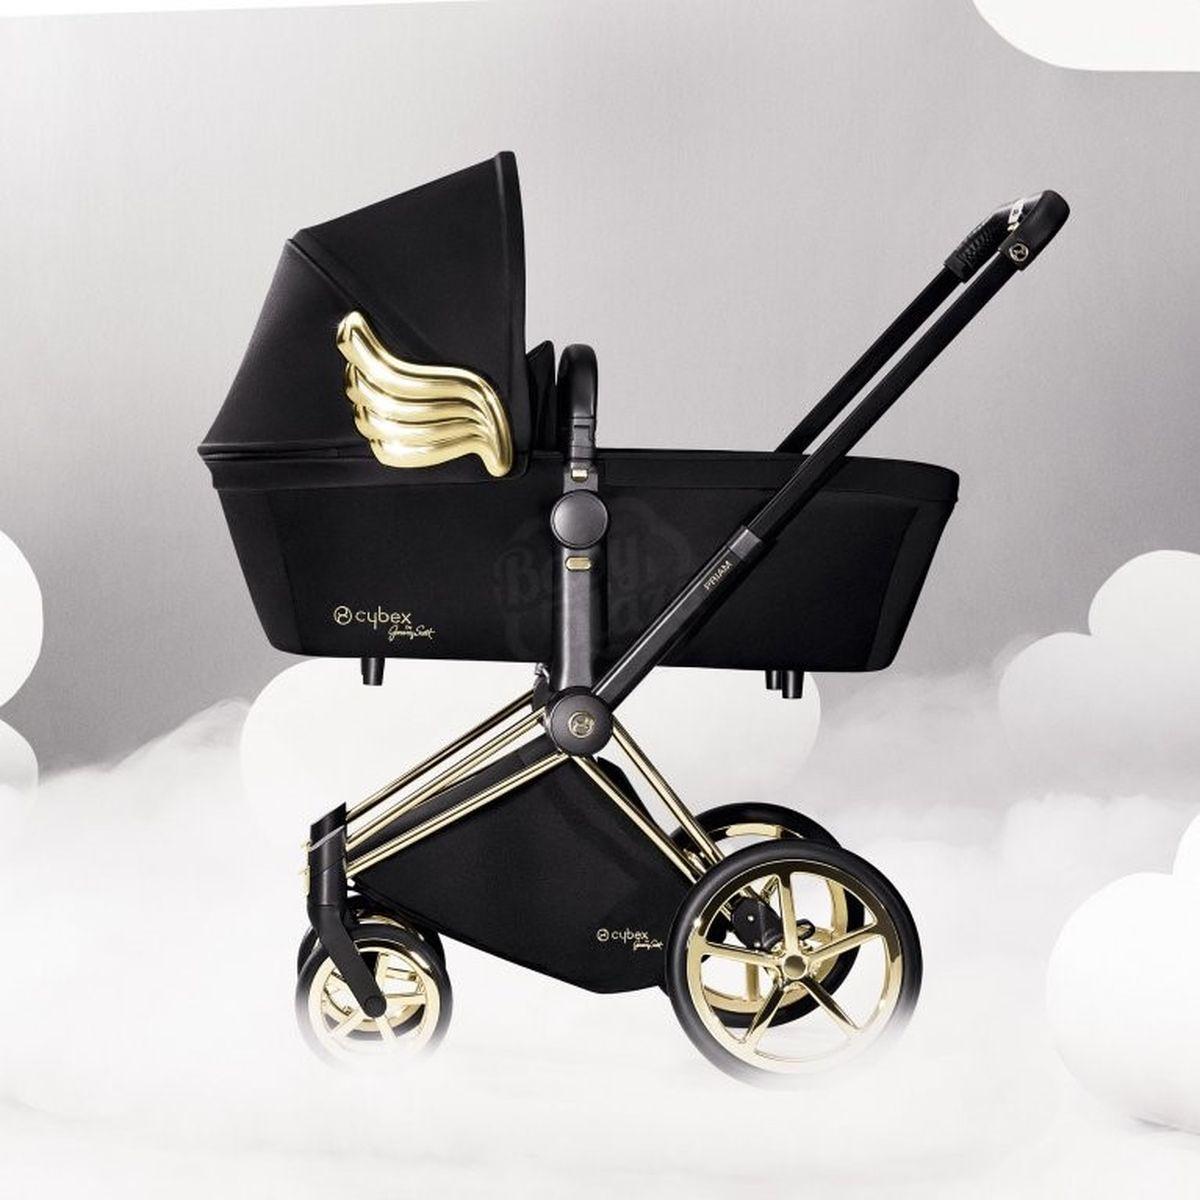 Nacelle de luxe PRIAM Cybex wings-black